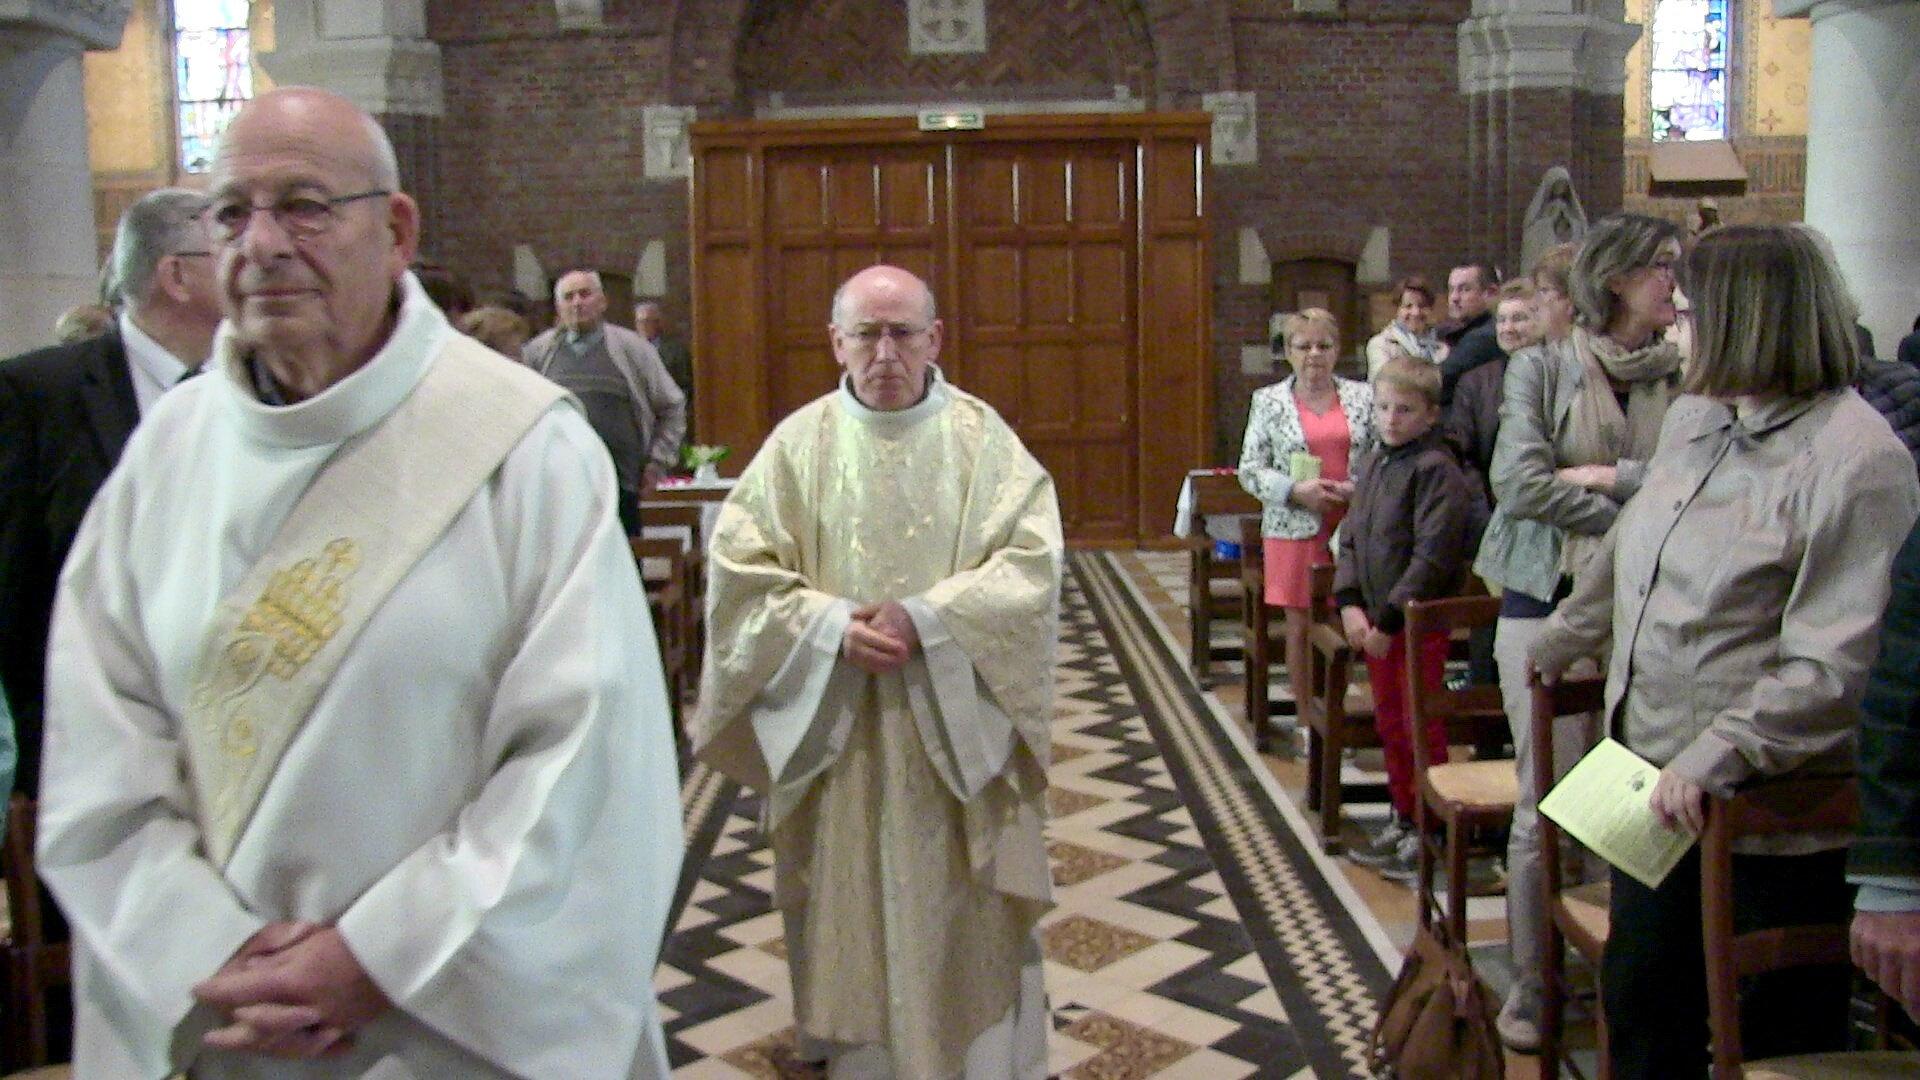 2019-05-12-entrées eucharistie (19)